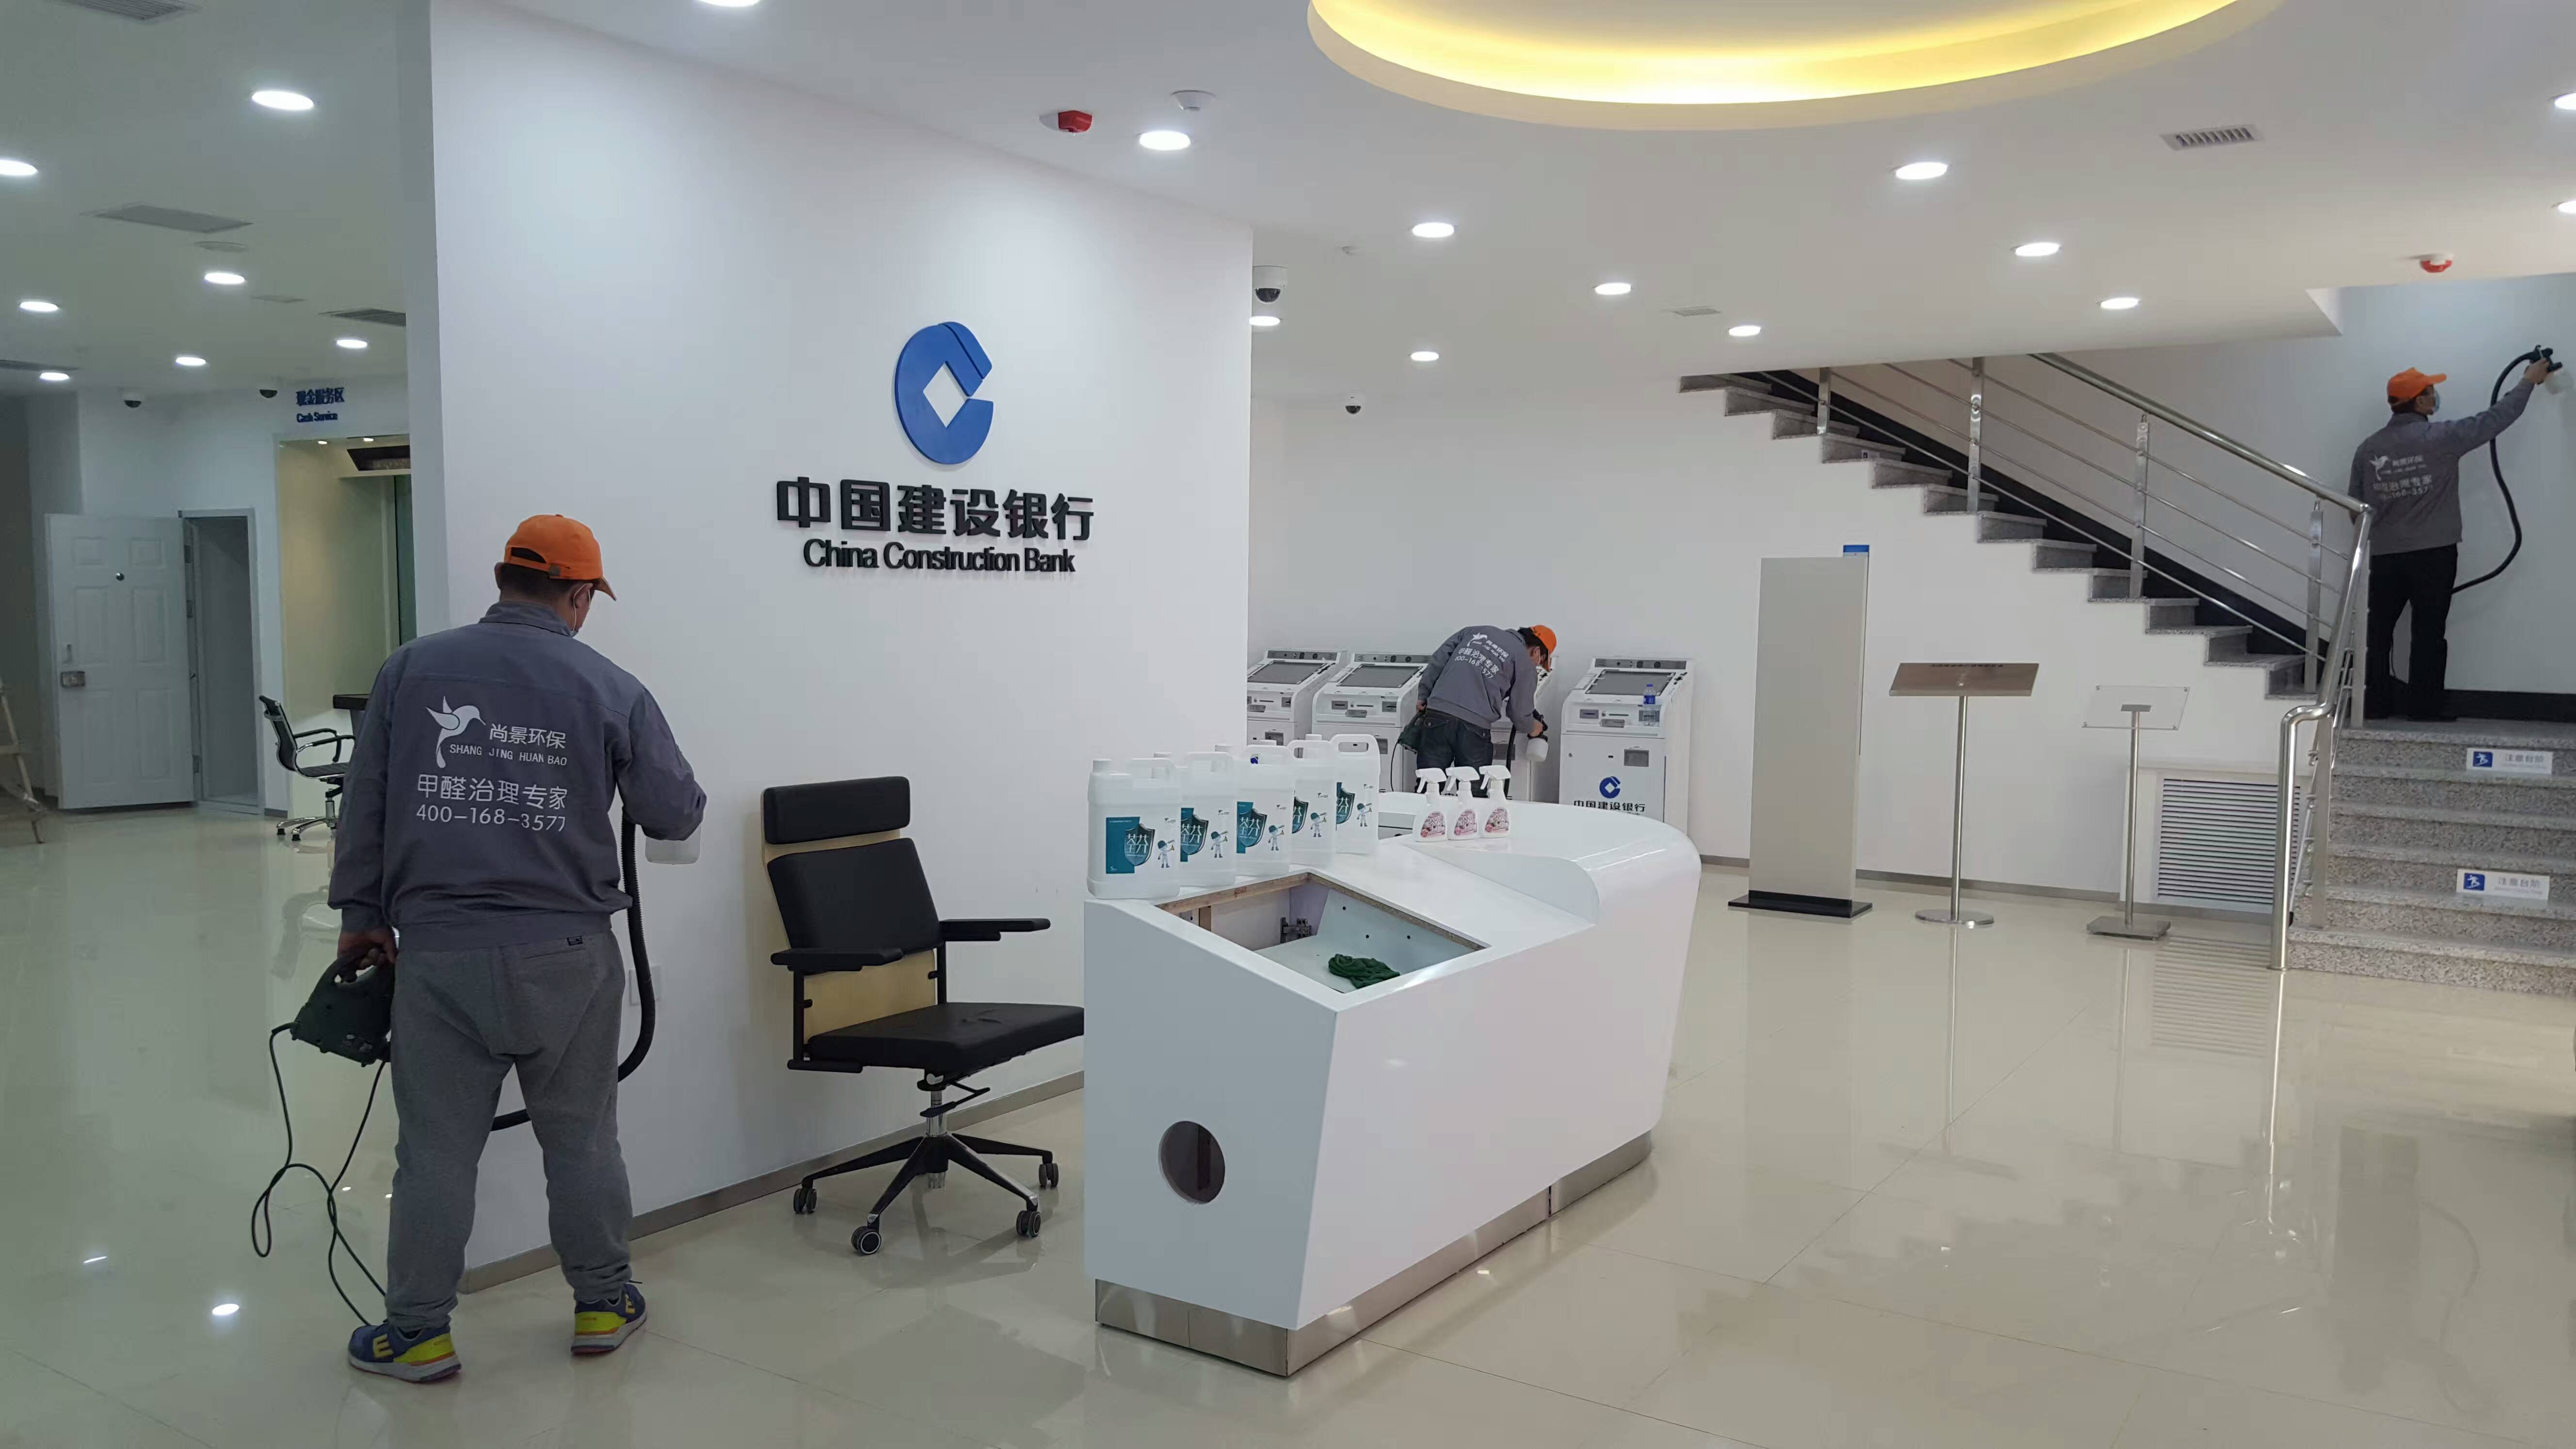 中国建设银行黄河支行墙面施工